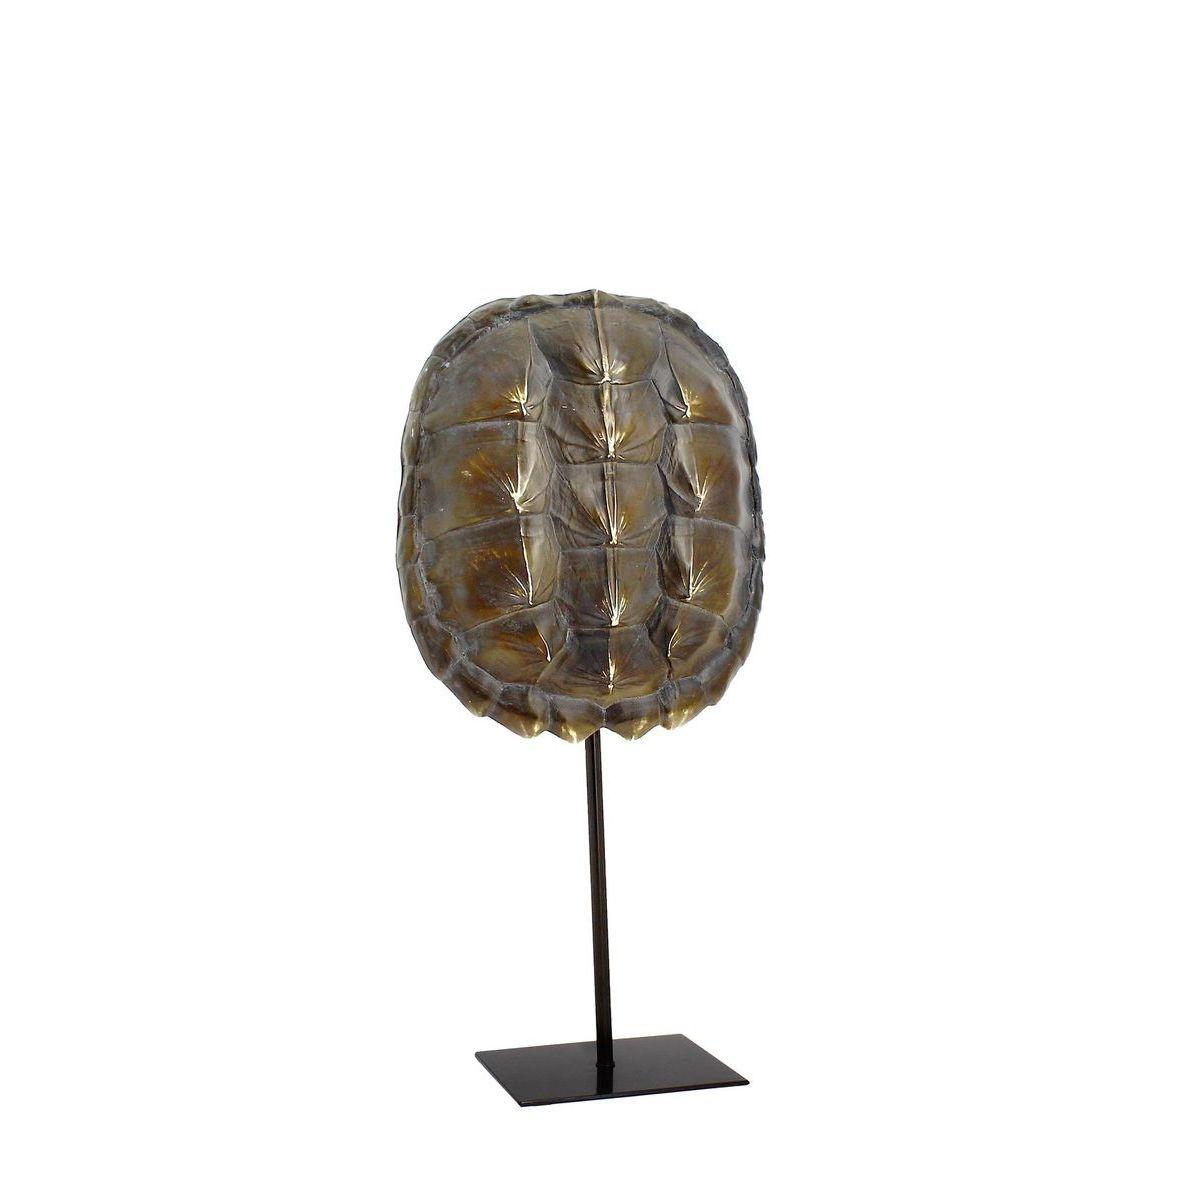 Carapace de tortue en résine sur socle en métal